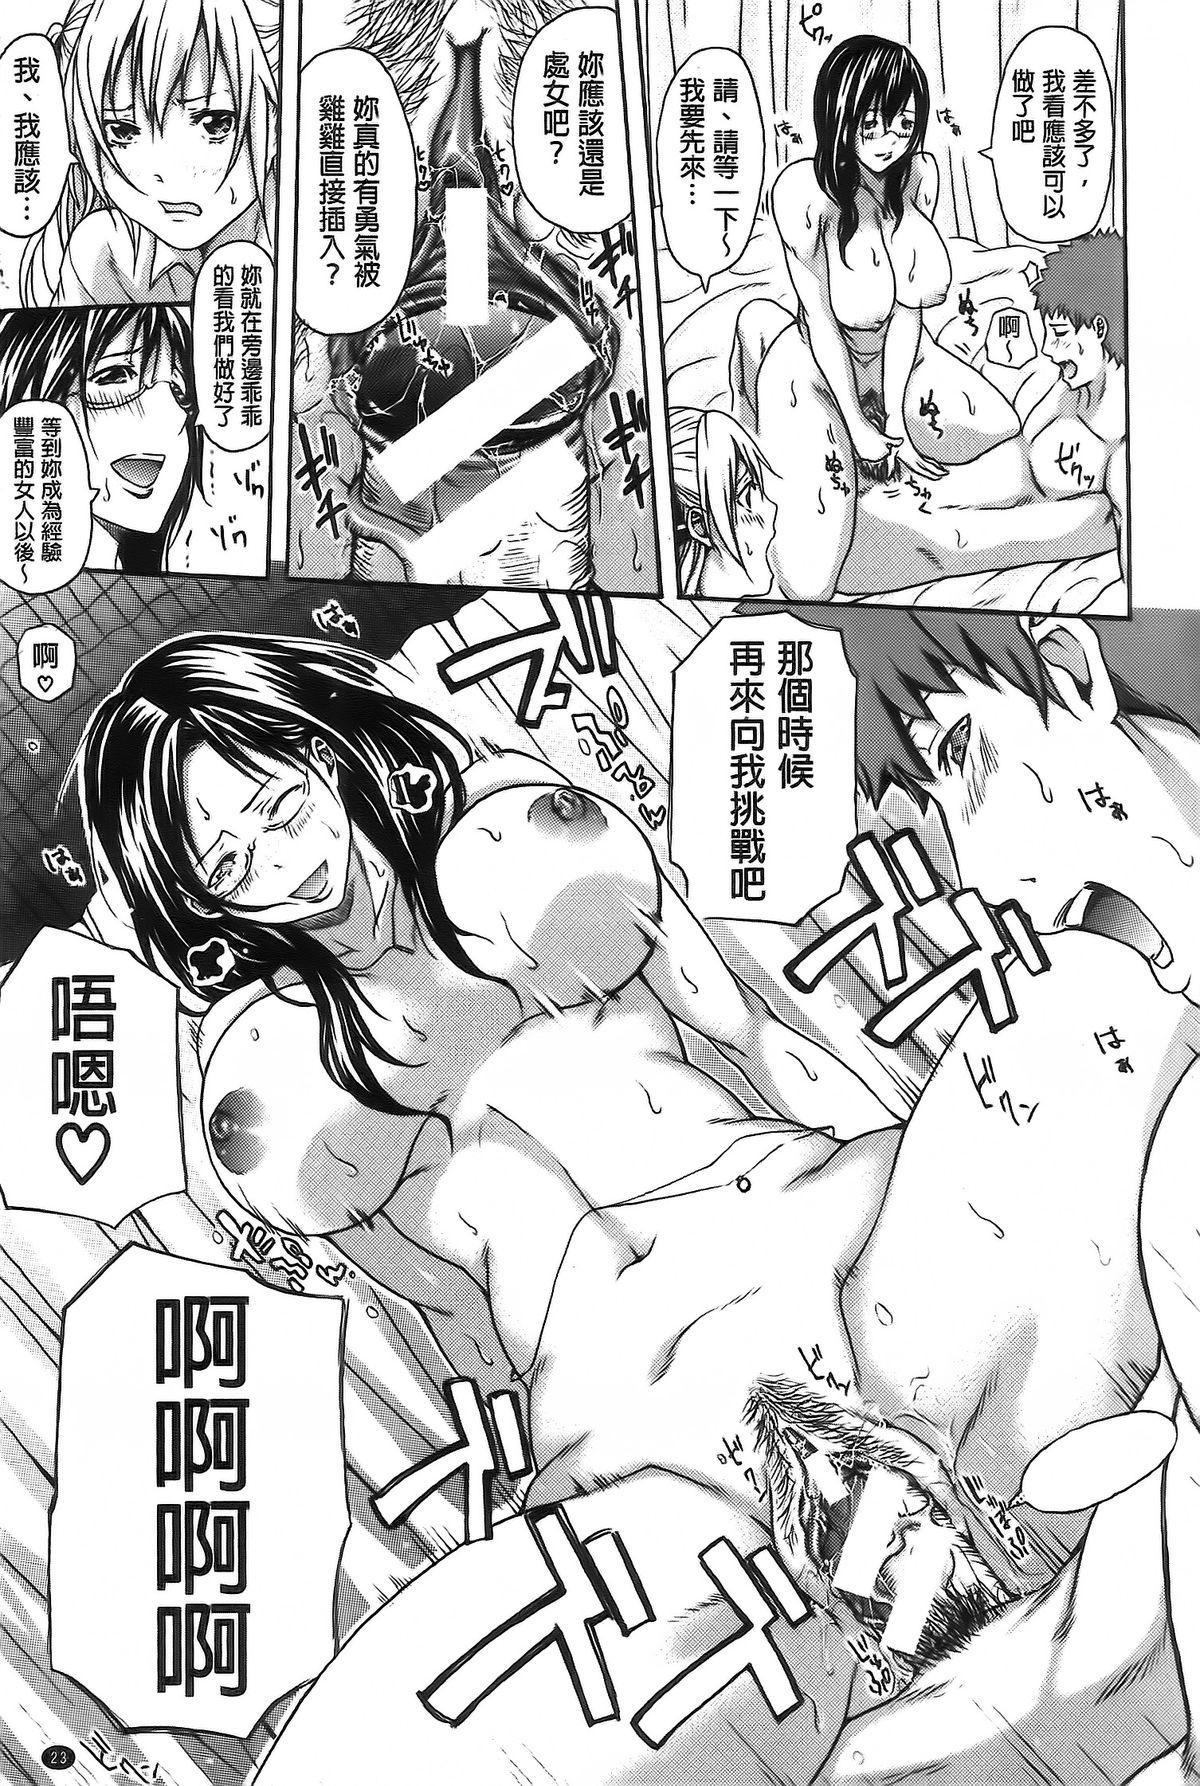 Bukatsu shoujo to amai ase 26